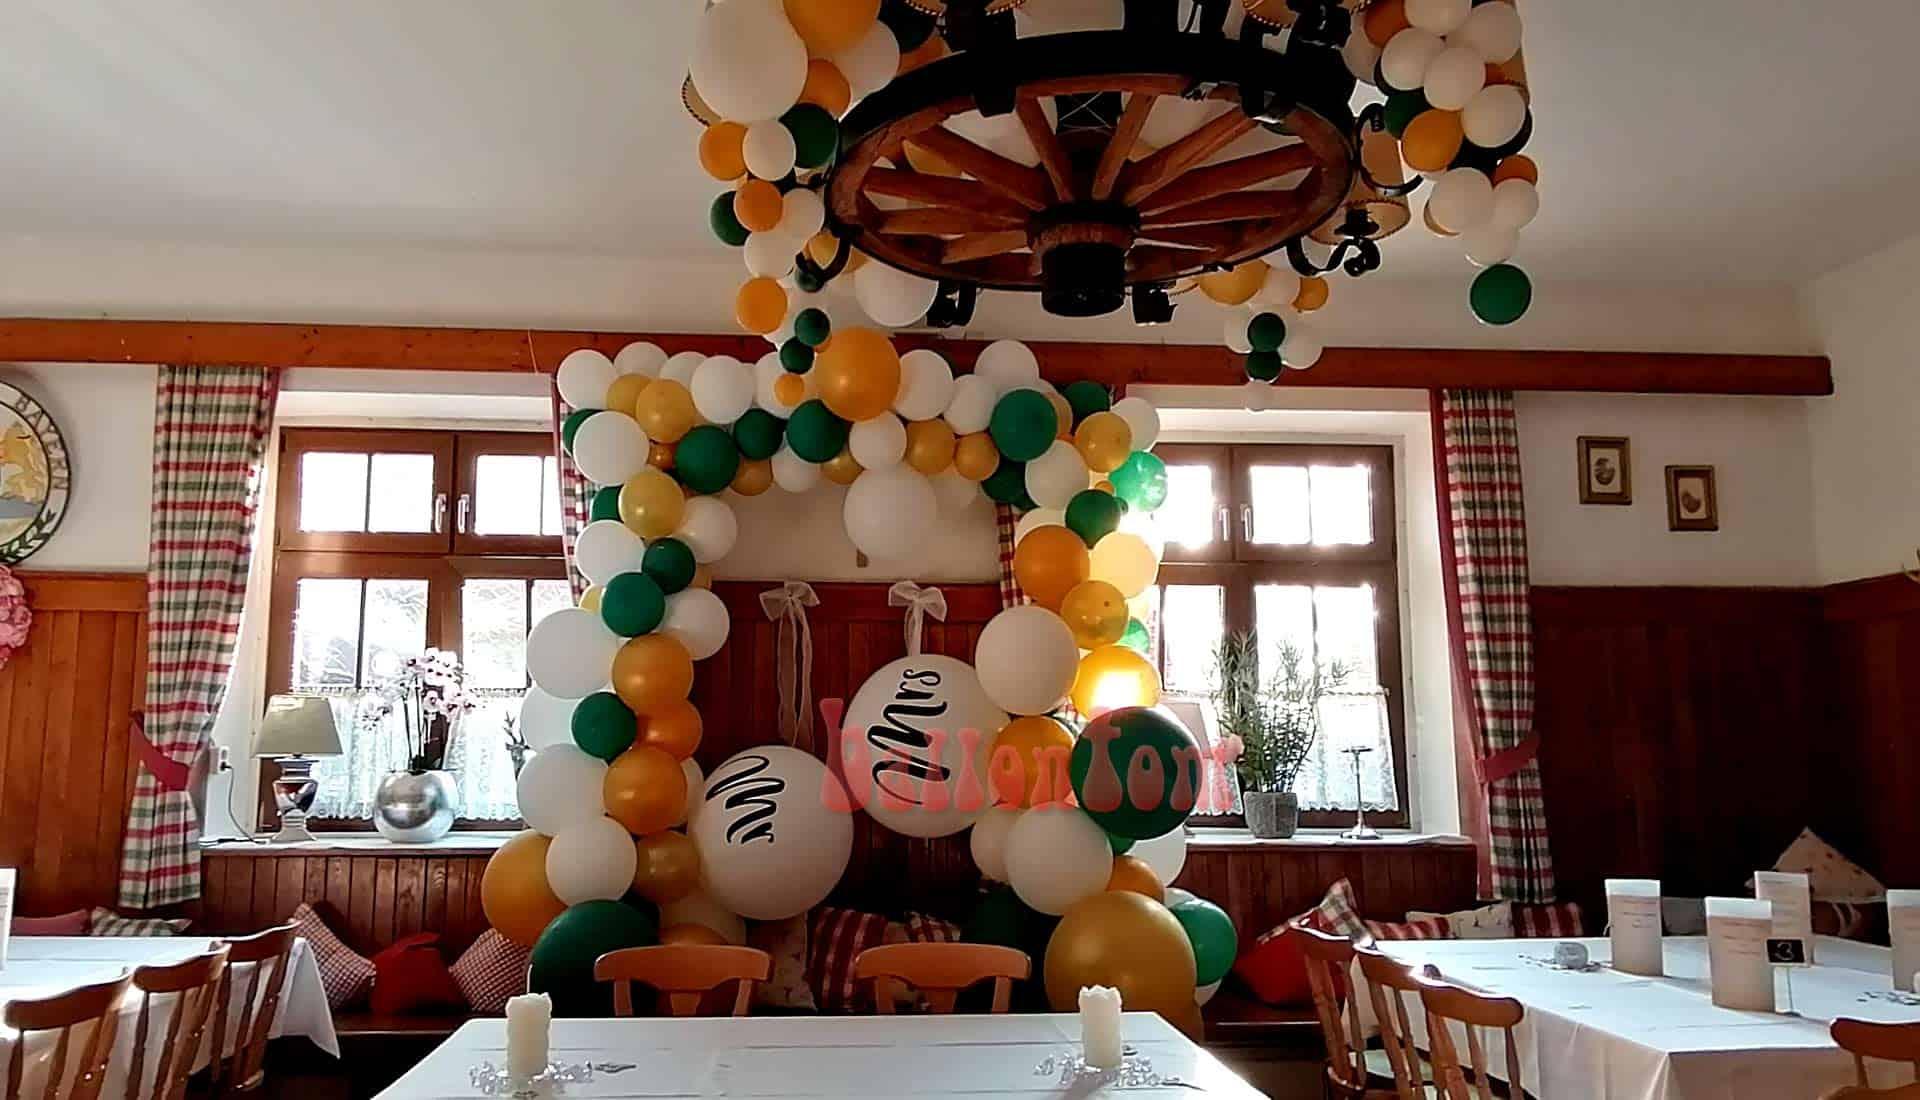 Hochzeitsdekoration mit Mr. und Mrs. Ballonen - Organic